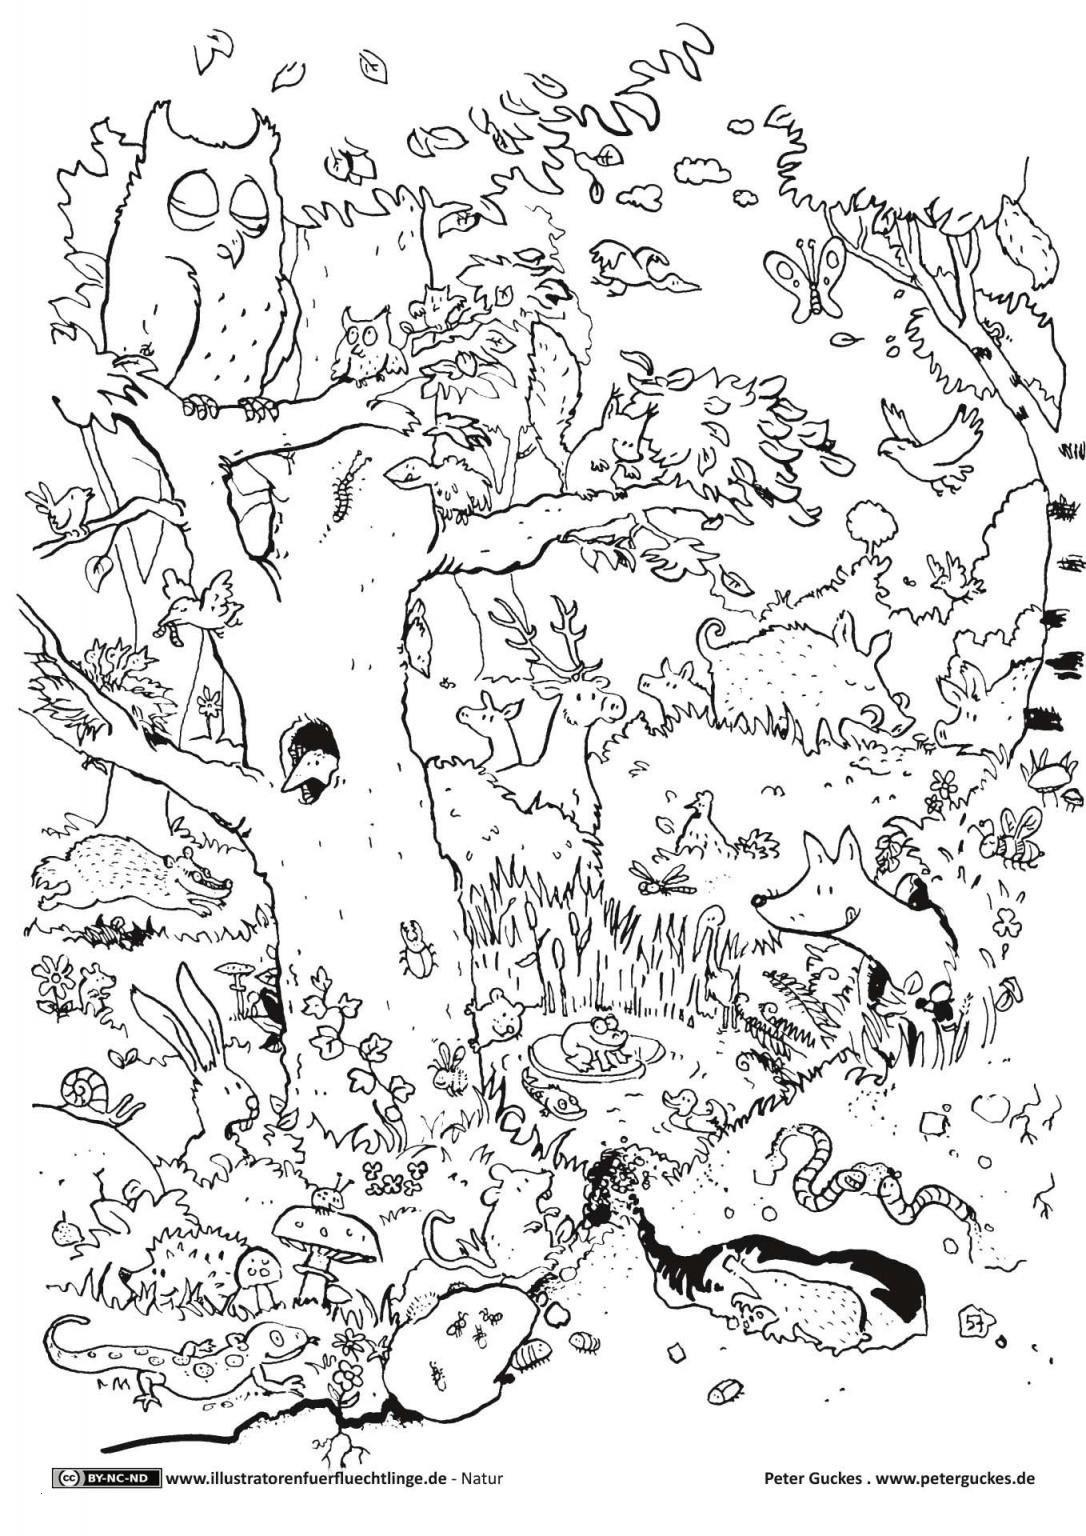 Tom Und Jerry Ausmalbilder Frisch 32 Malvorlagen Musik Scoredatscore Elegant Malvorlagen tom Und Jerry Sammlung